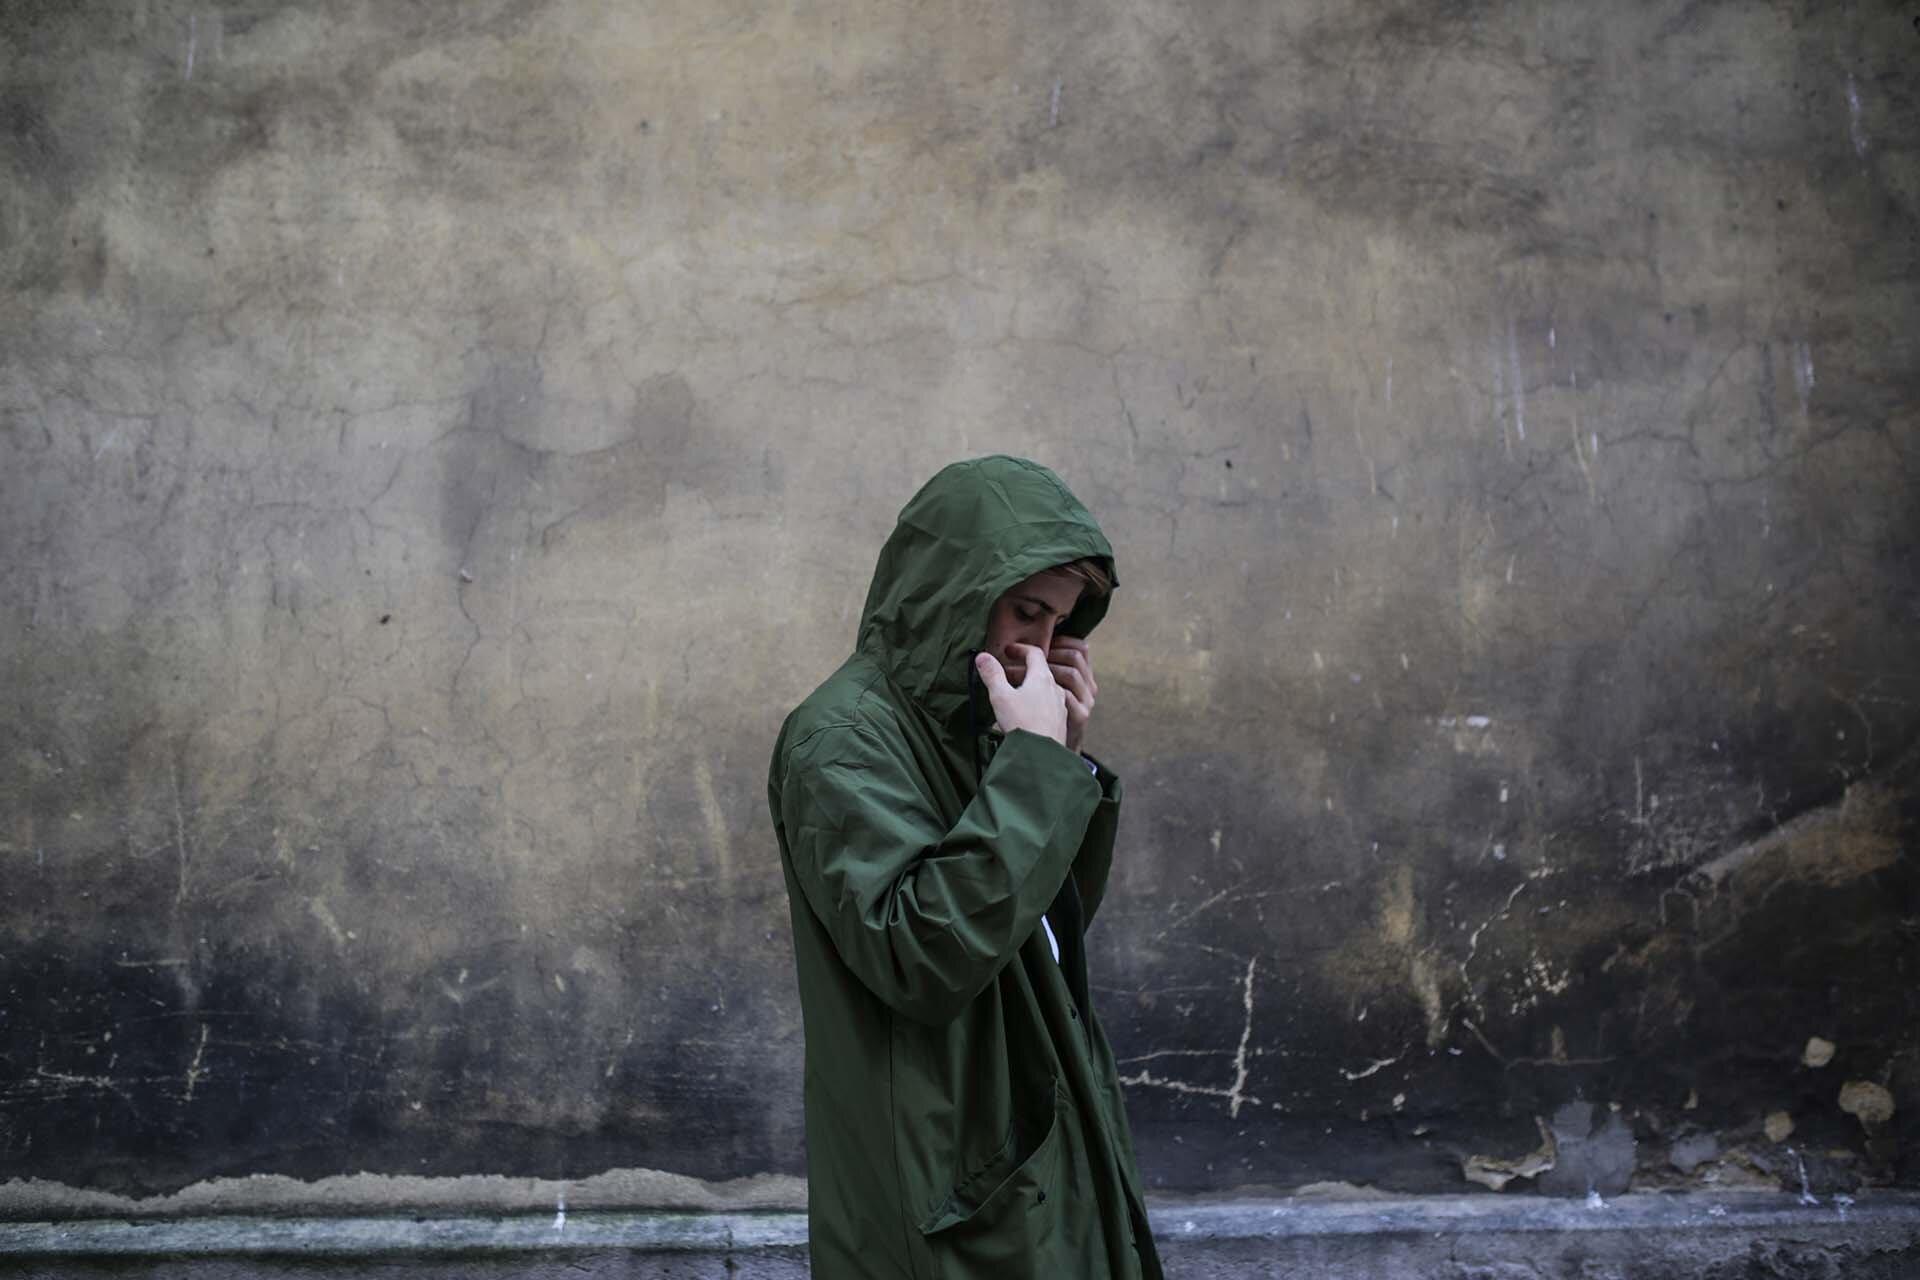 Zielona Parka, Kurtki, Kurtki przeciwdeszczowe, Męska kurtka przeciwdeszczowa,Blog o modzie męskiej, Jaką kurtkę kupić na jesień, Męski kurtki na jesień, GMALE